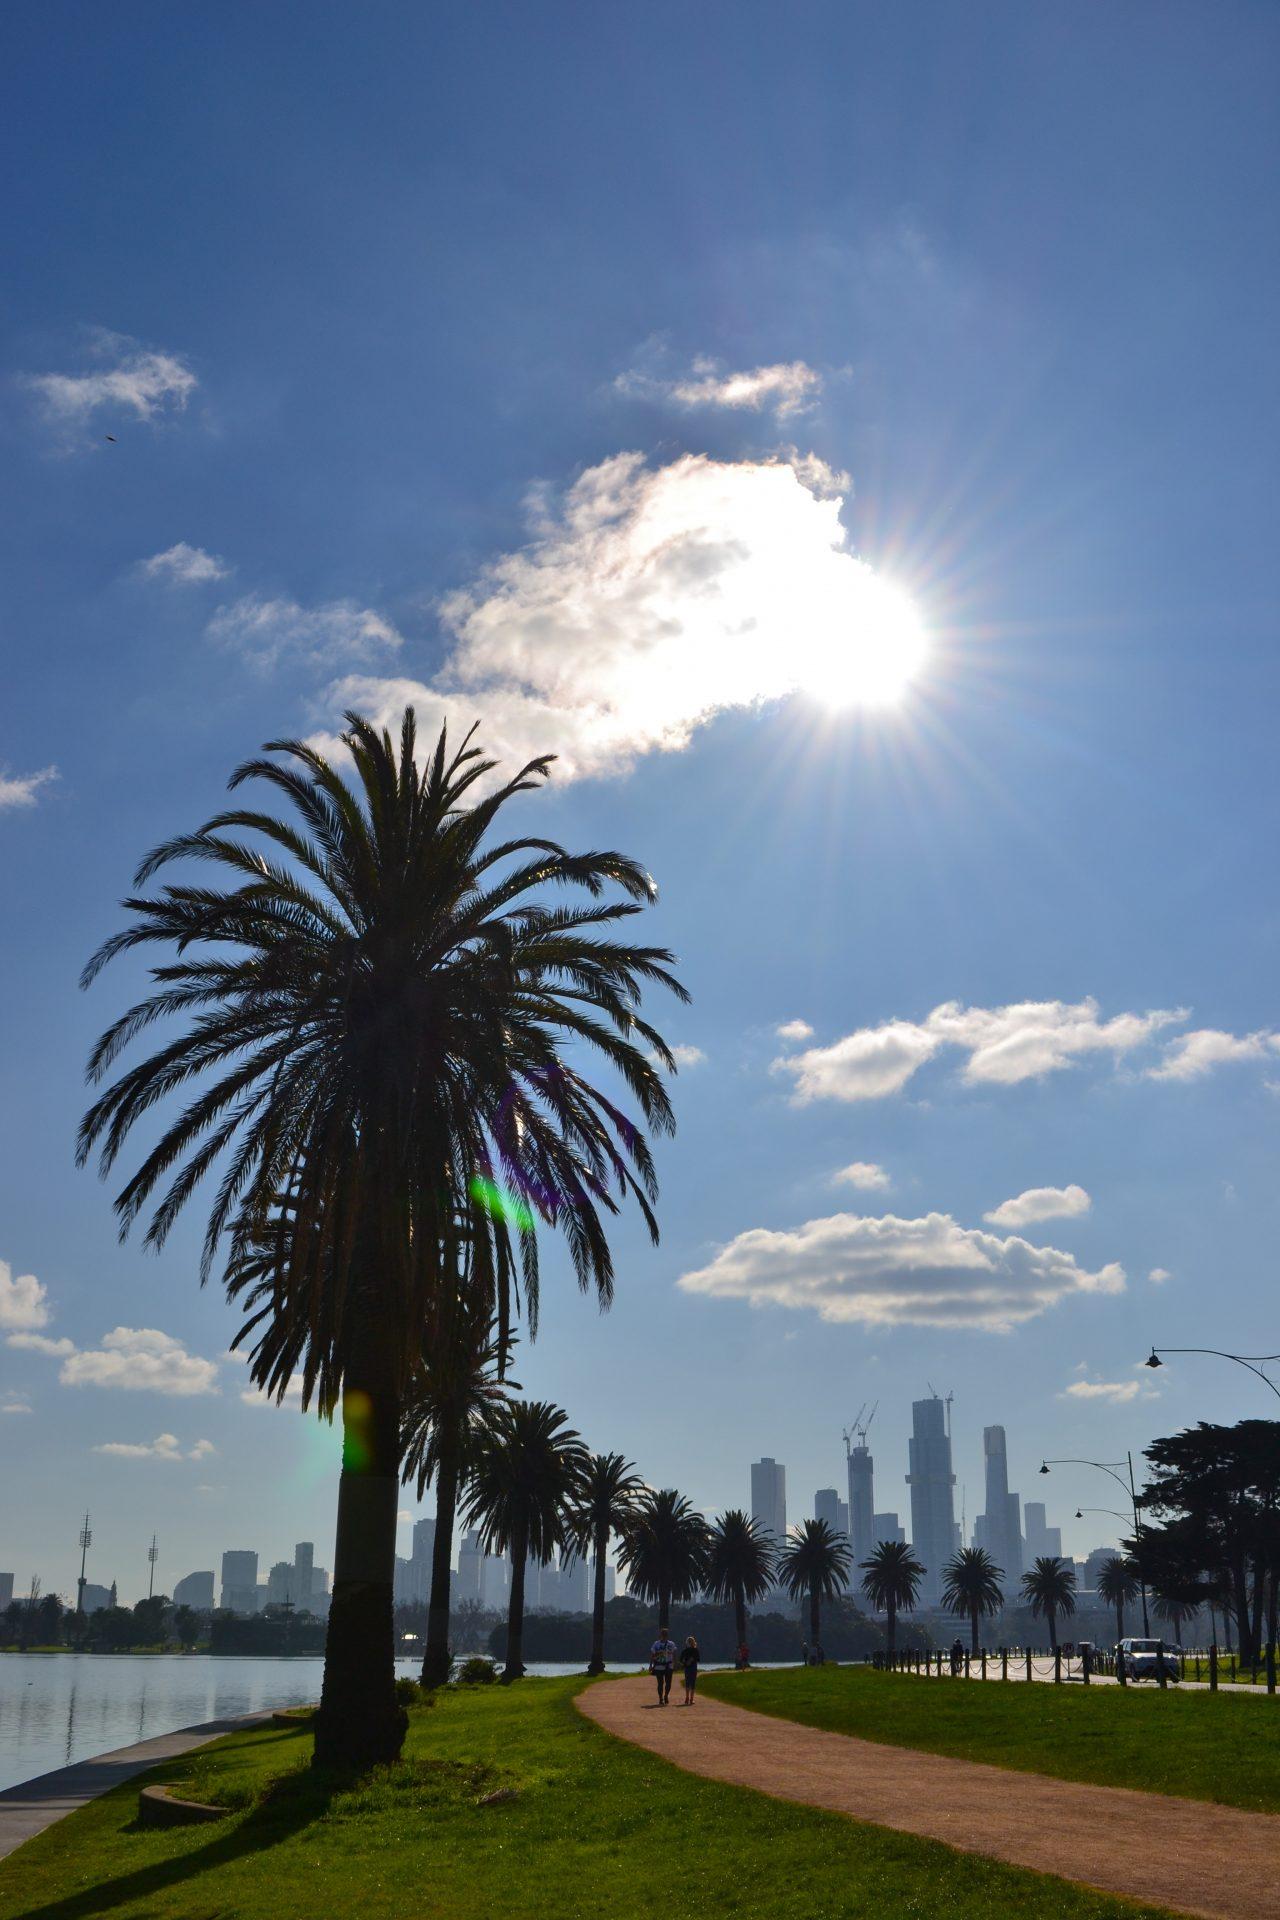 Viime viikot kuvina - Melbourne lockdownien välillä